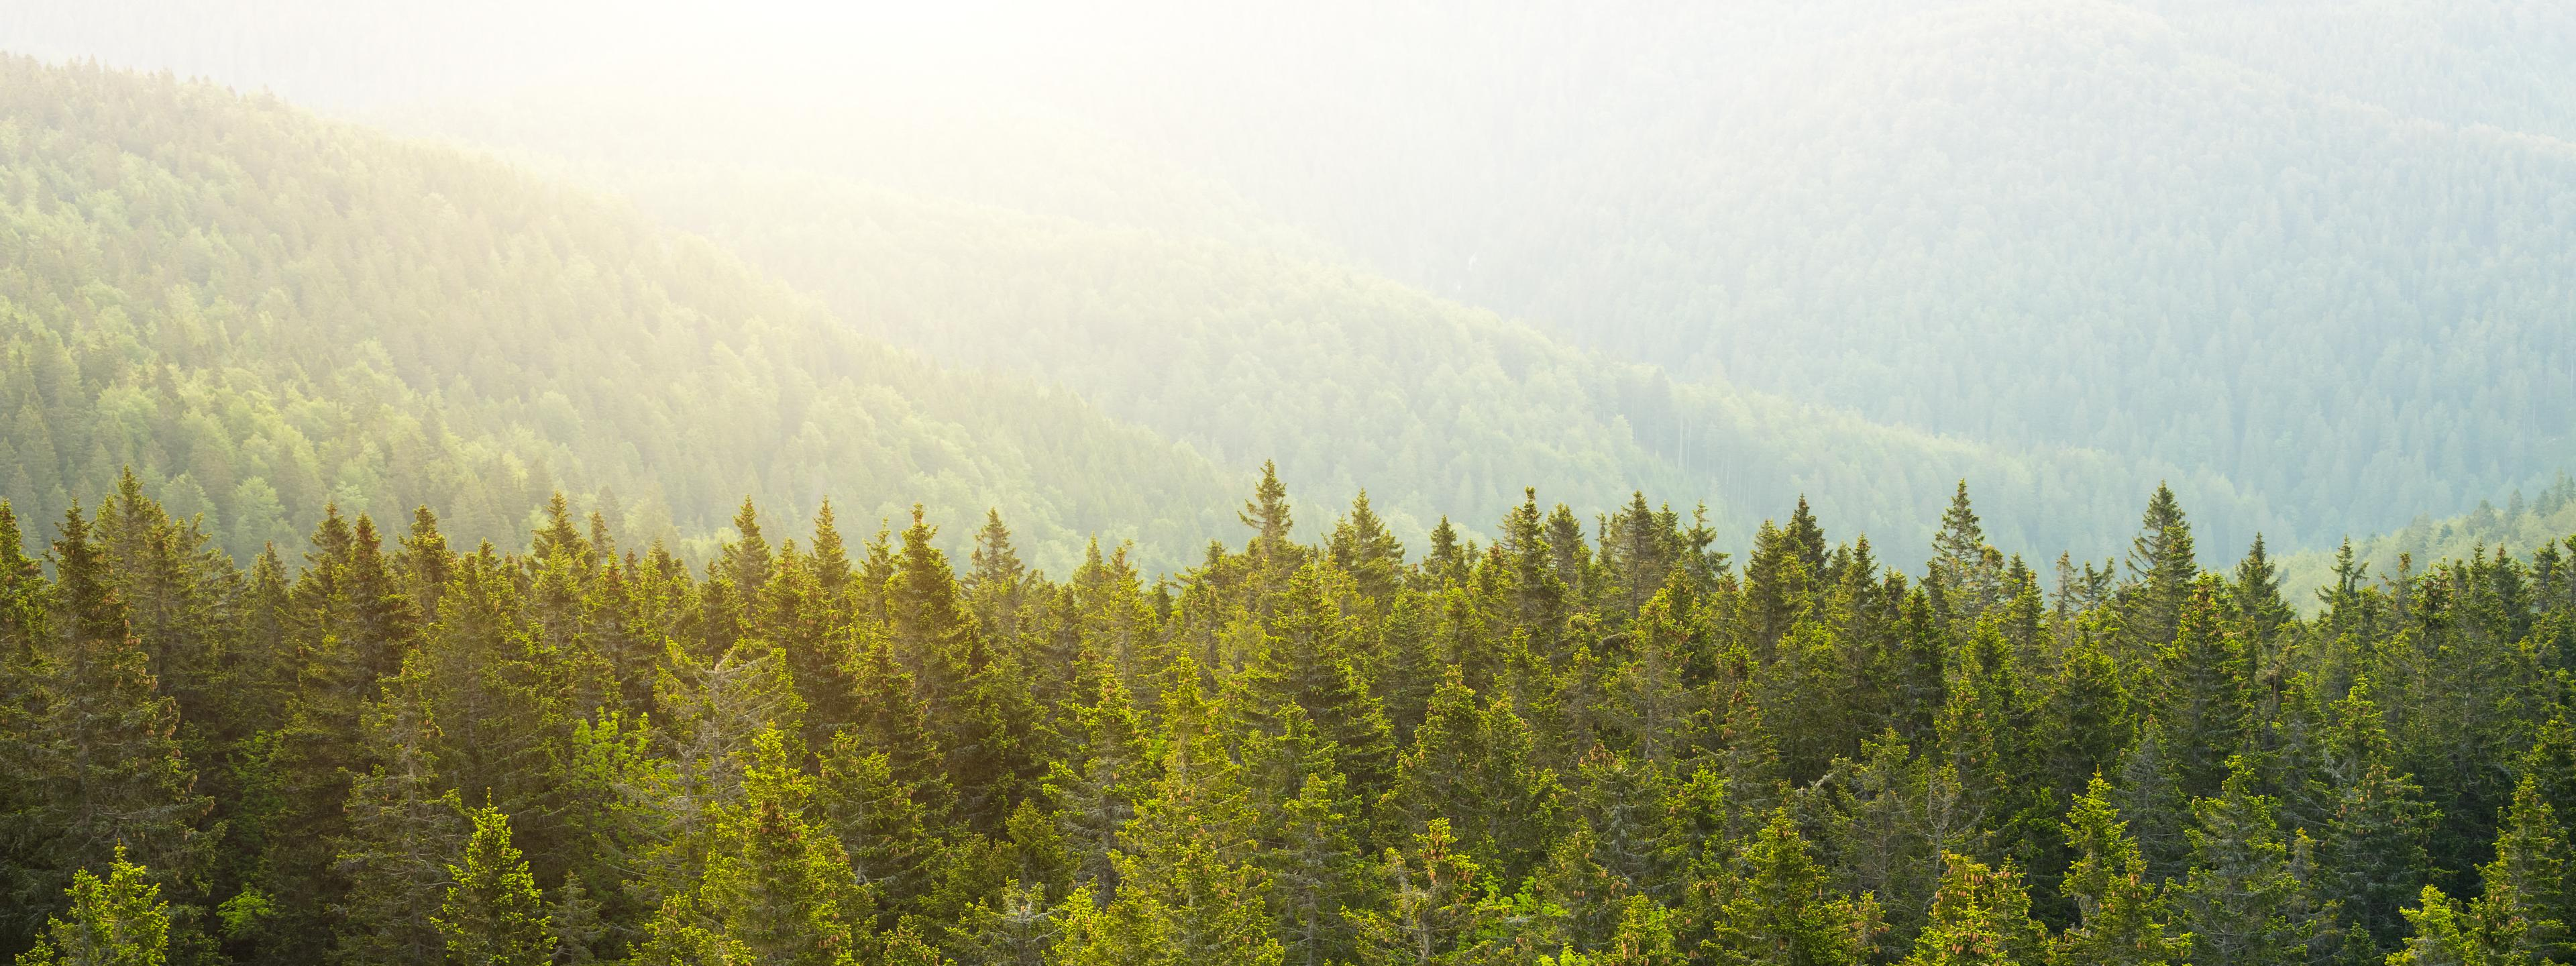 BRITA 永續性 瀑布 綠色草坪